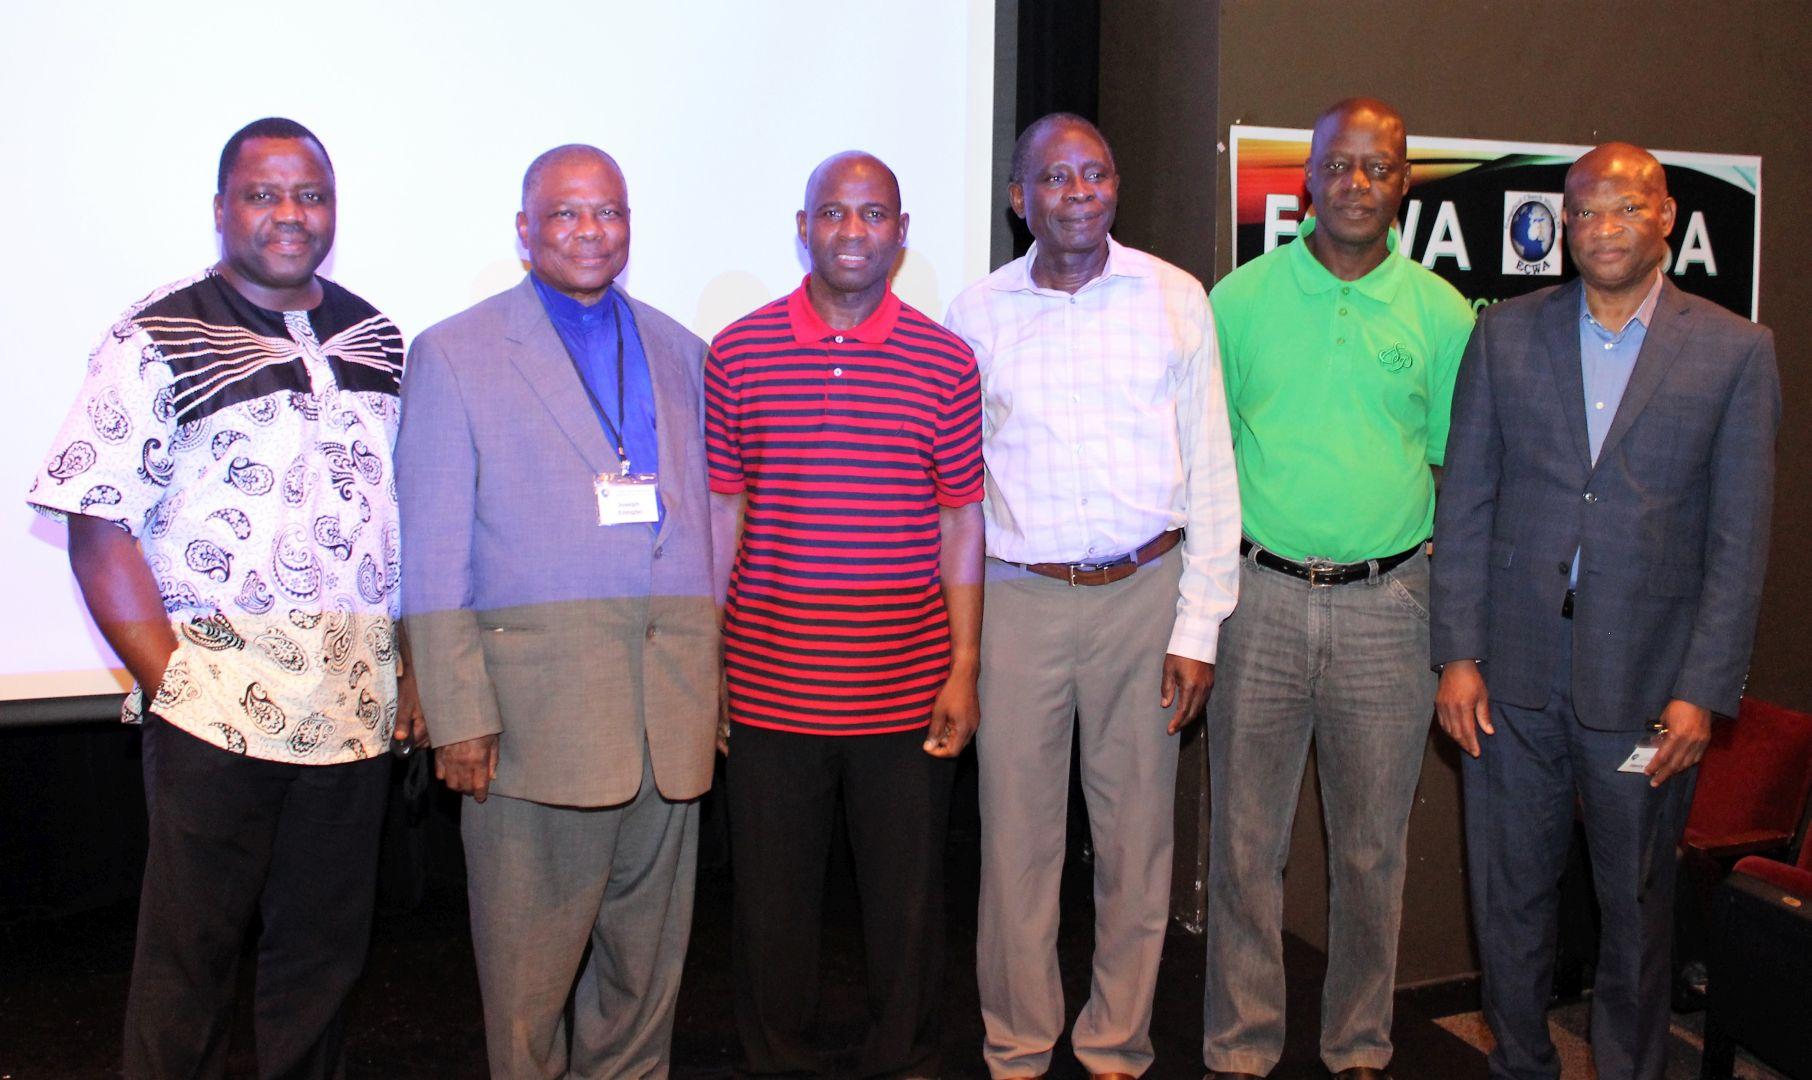 ECWA USA DCC Executive Members.